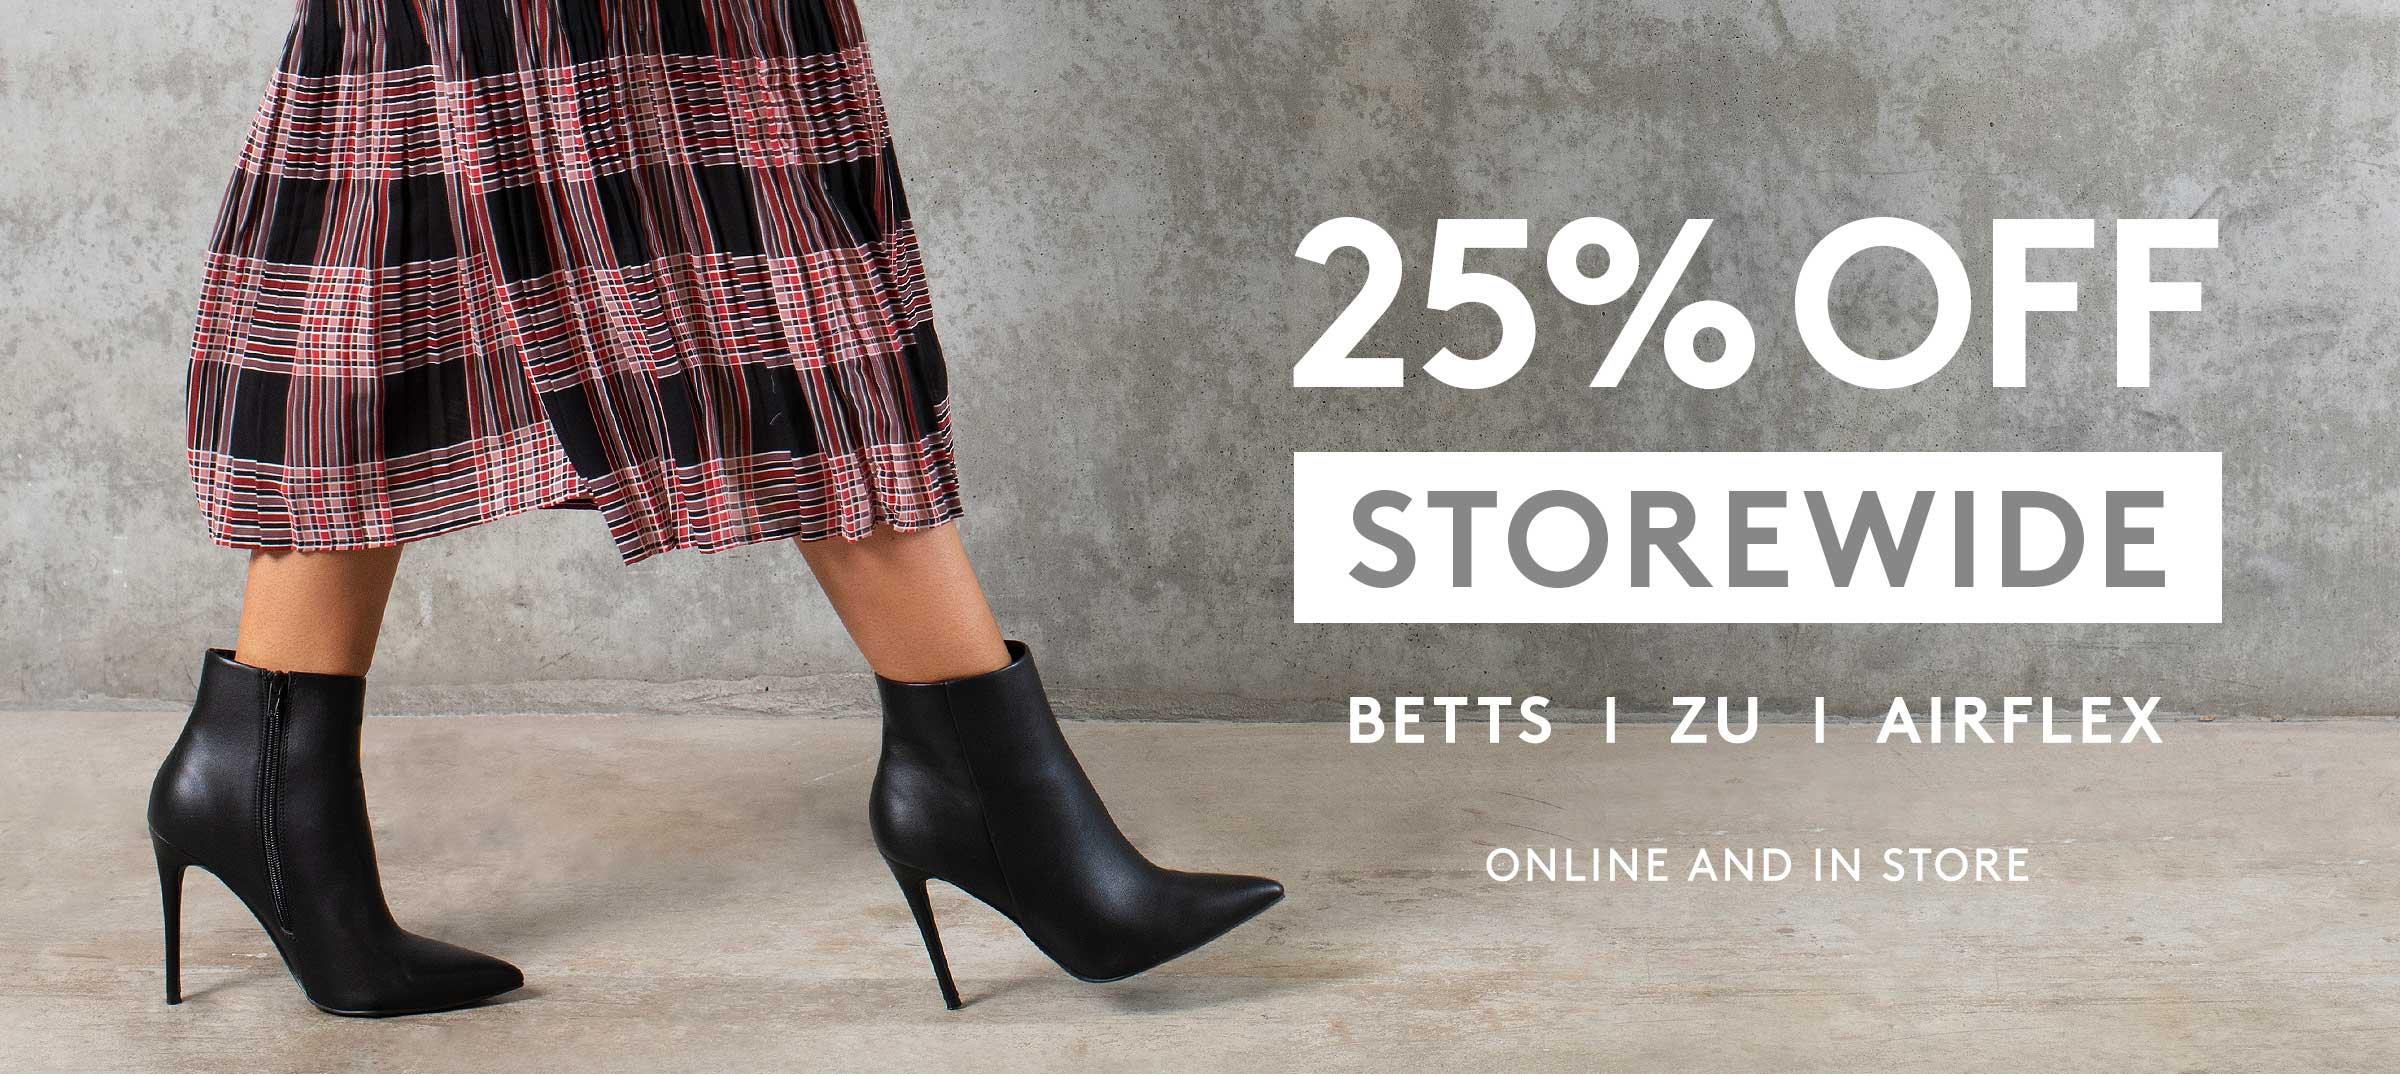 0ed25d060fa Buy Men's & Women's Shoes Online | Australia's Leading Shoe Shop - Betts